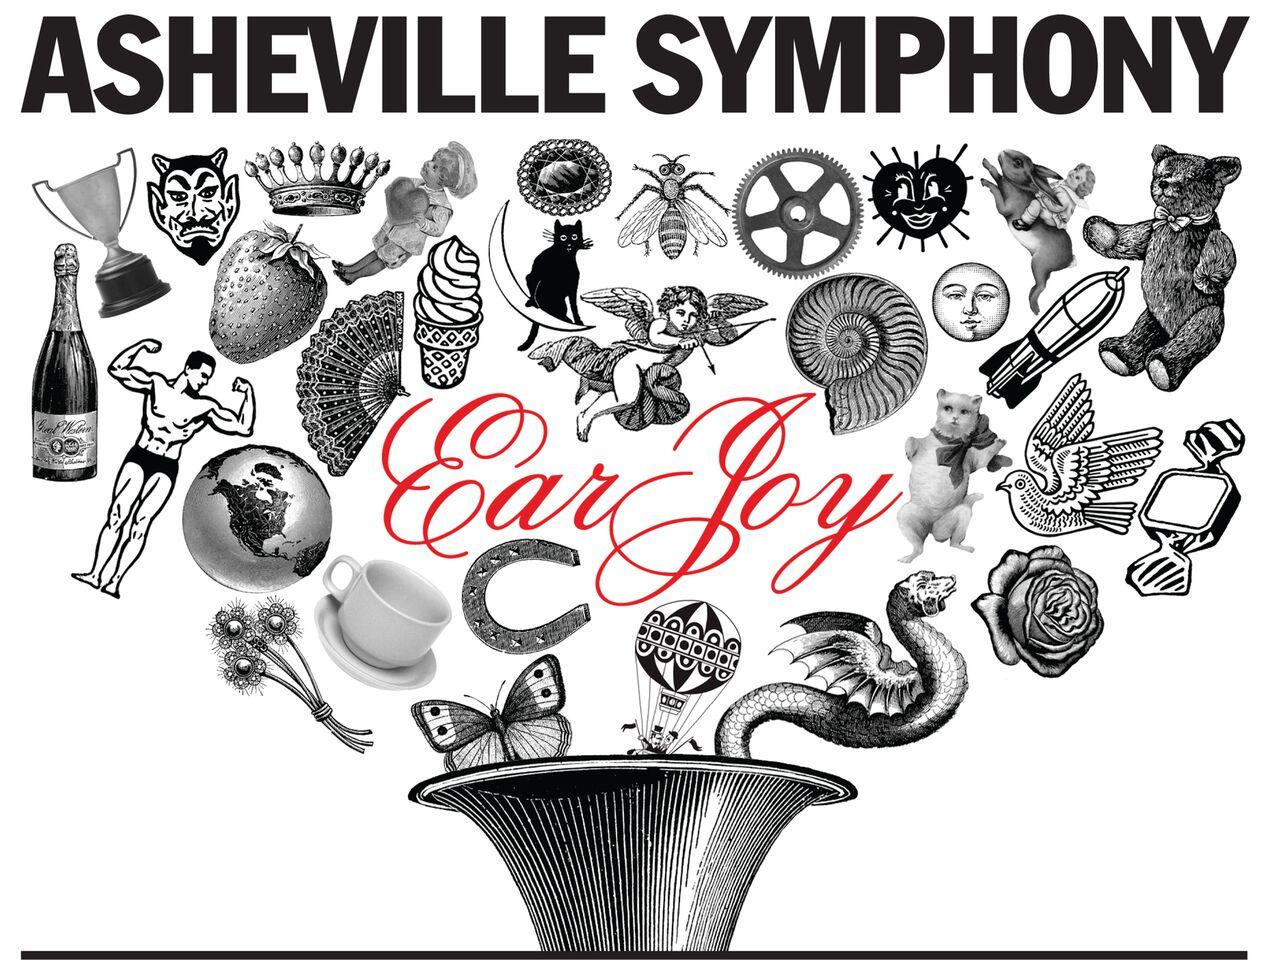 Asheville Business Blog: Asheville Symphony announces 2016